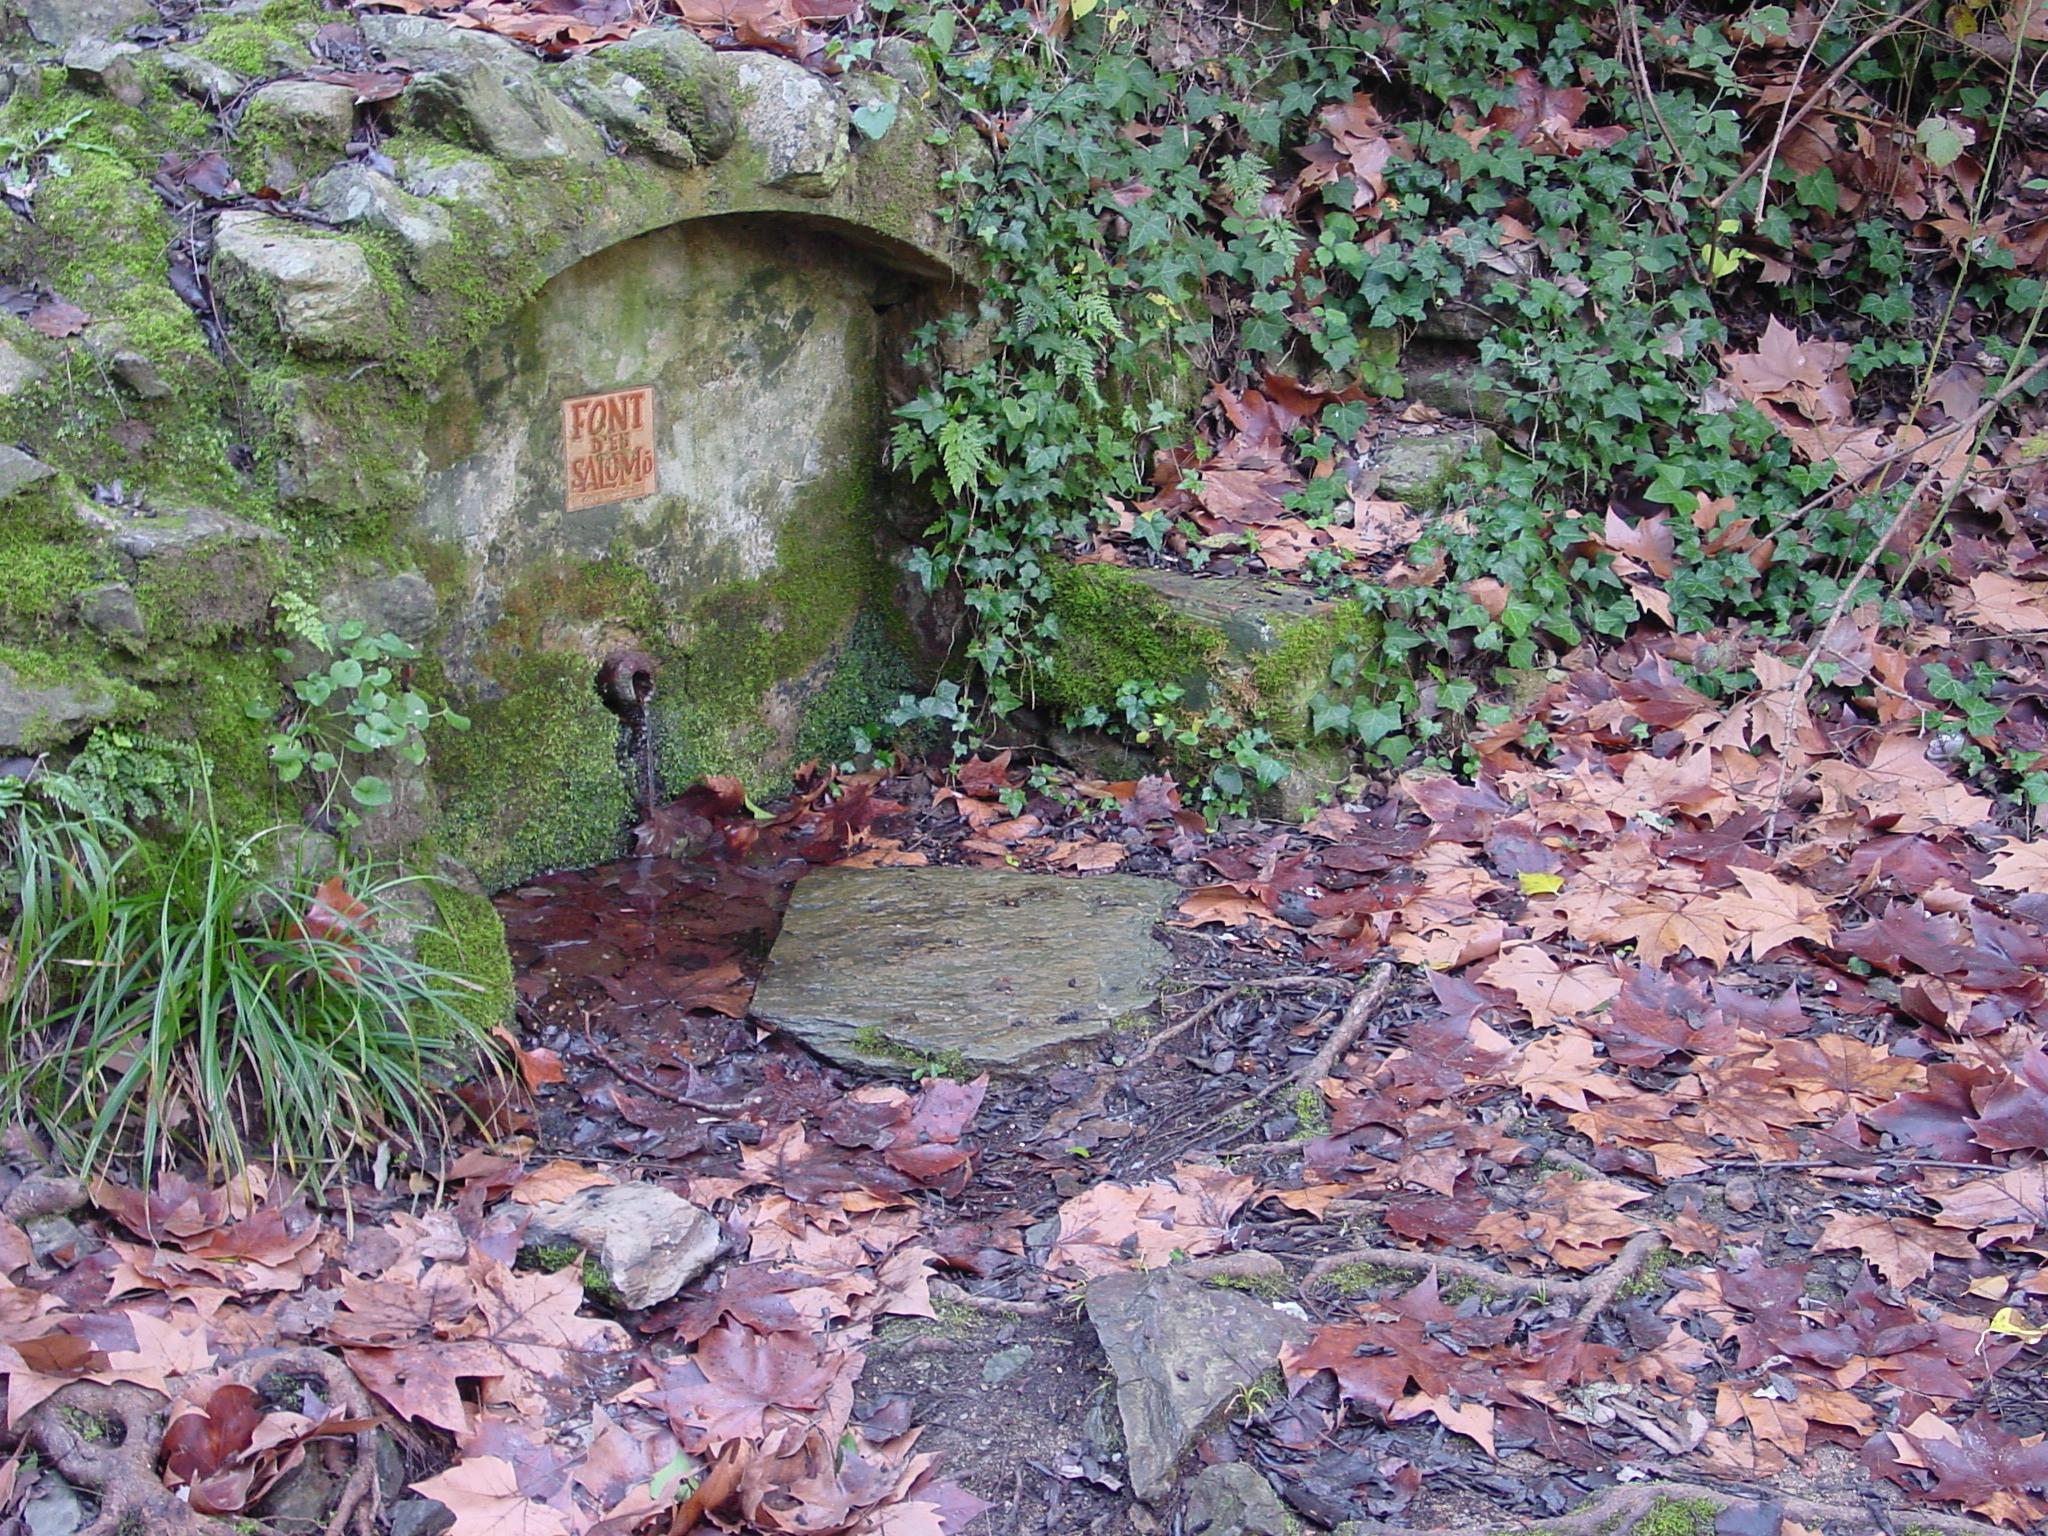 La font d'en Salomó és una de les més actives de les Gavarres. Antigament era un lloc de trobades i berenades entre els veïns de La Bisbal. La imatge transmet l'àmbient humit de la font amb les fulles de plataners al terra i el verdet de les pedres. La família Salomó fou una de les famíies benestants del municipi.